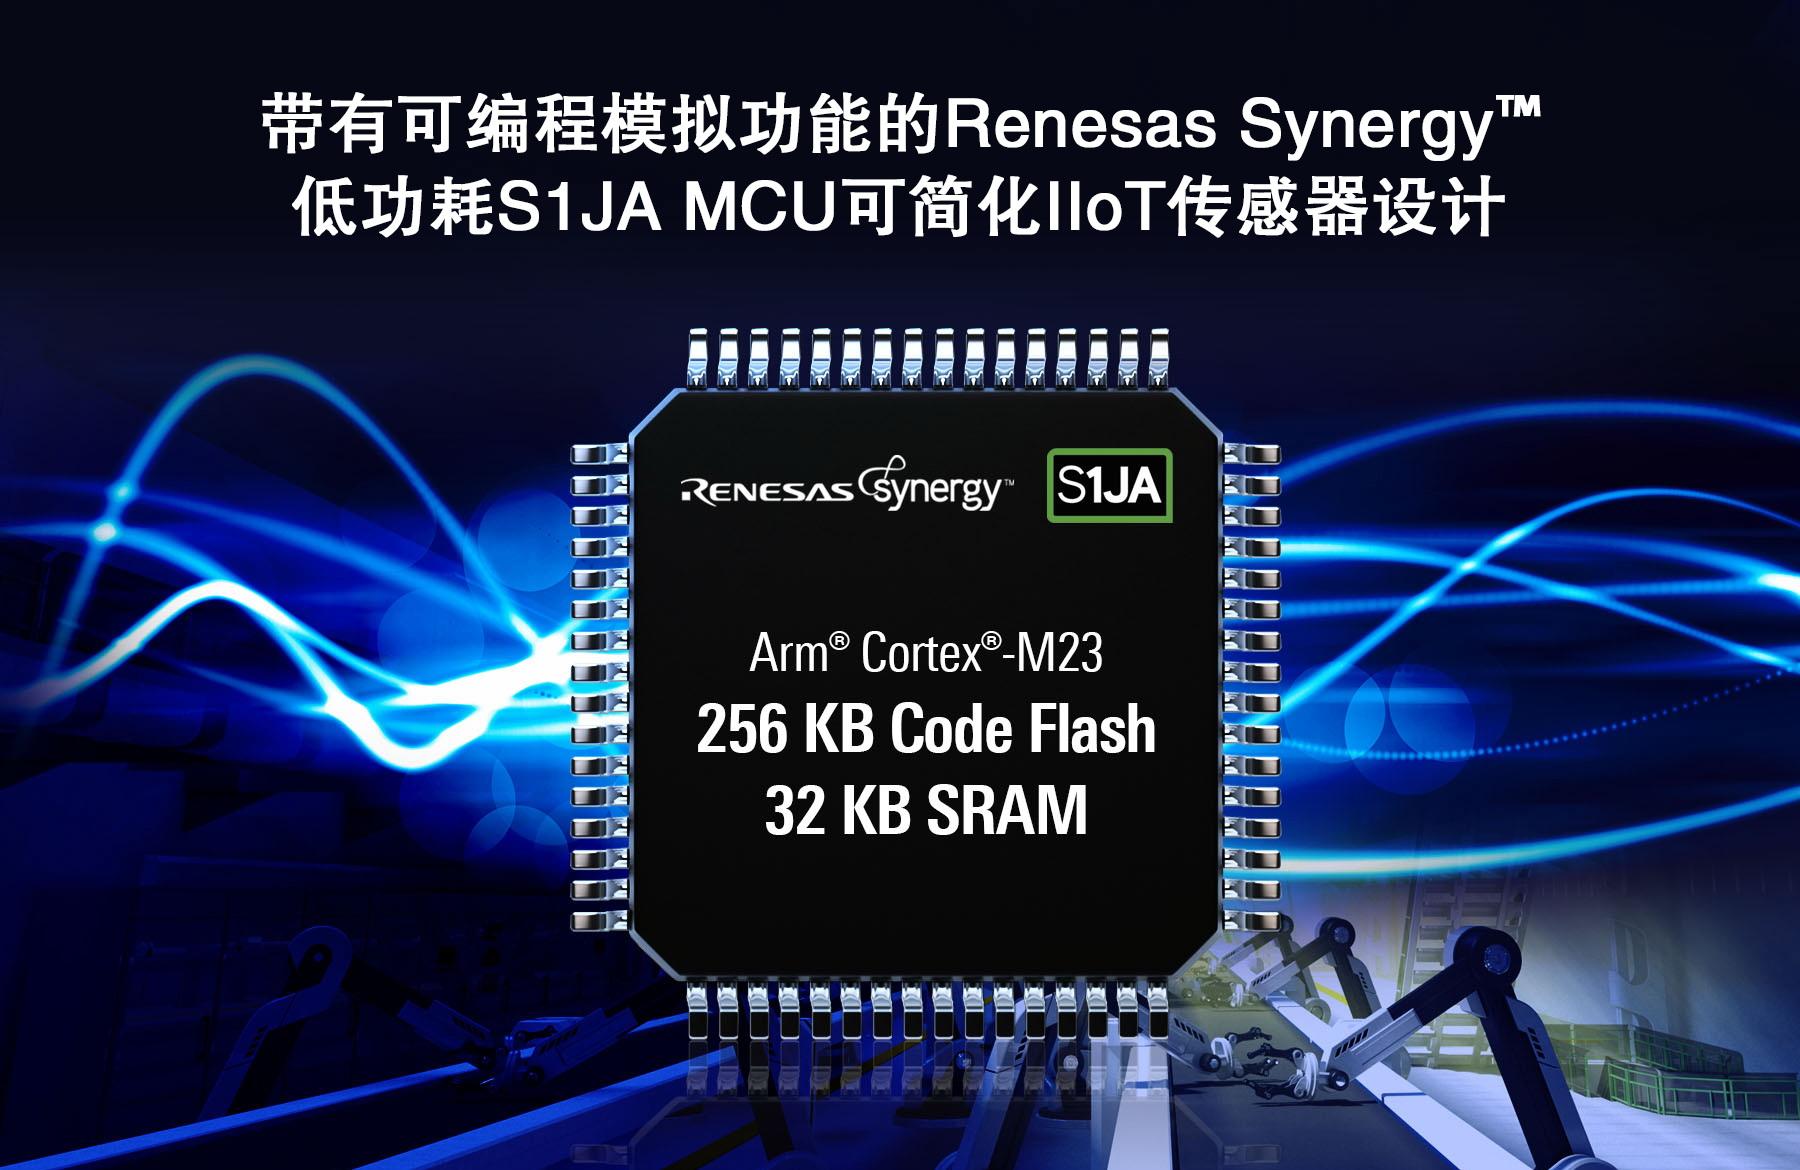 内置可编程模拟功能的新型Renesas Synergy™低功耗S1JA微控制器